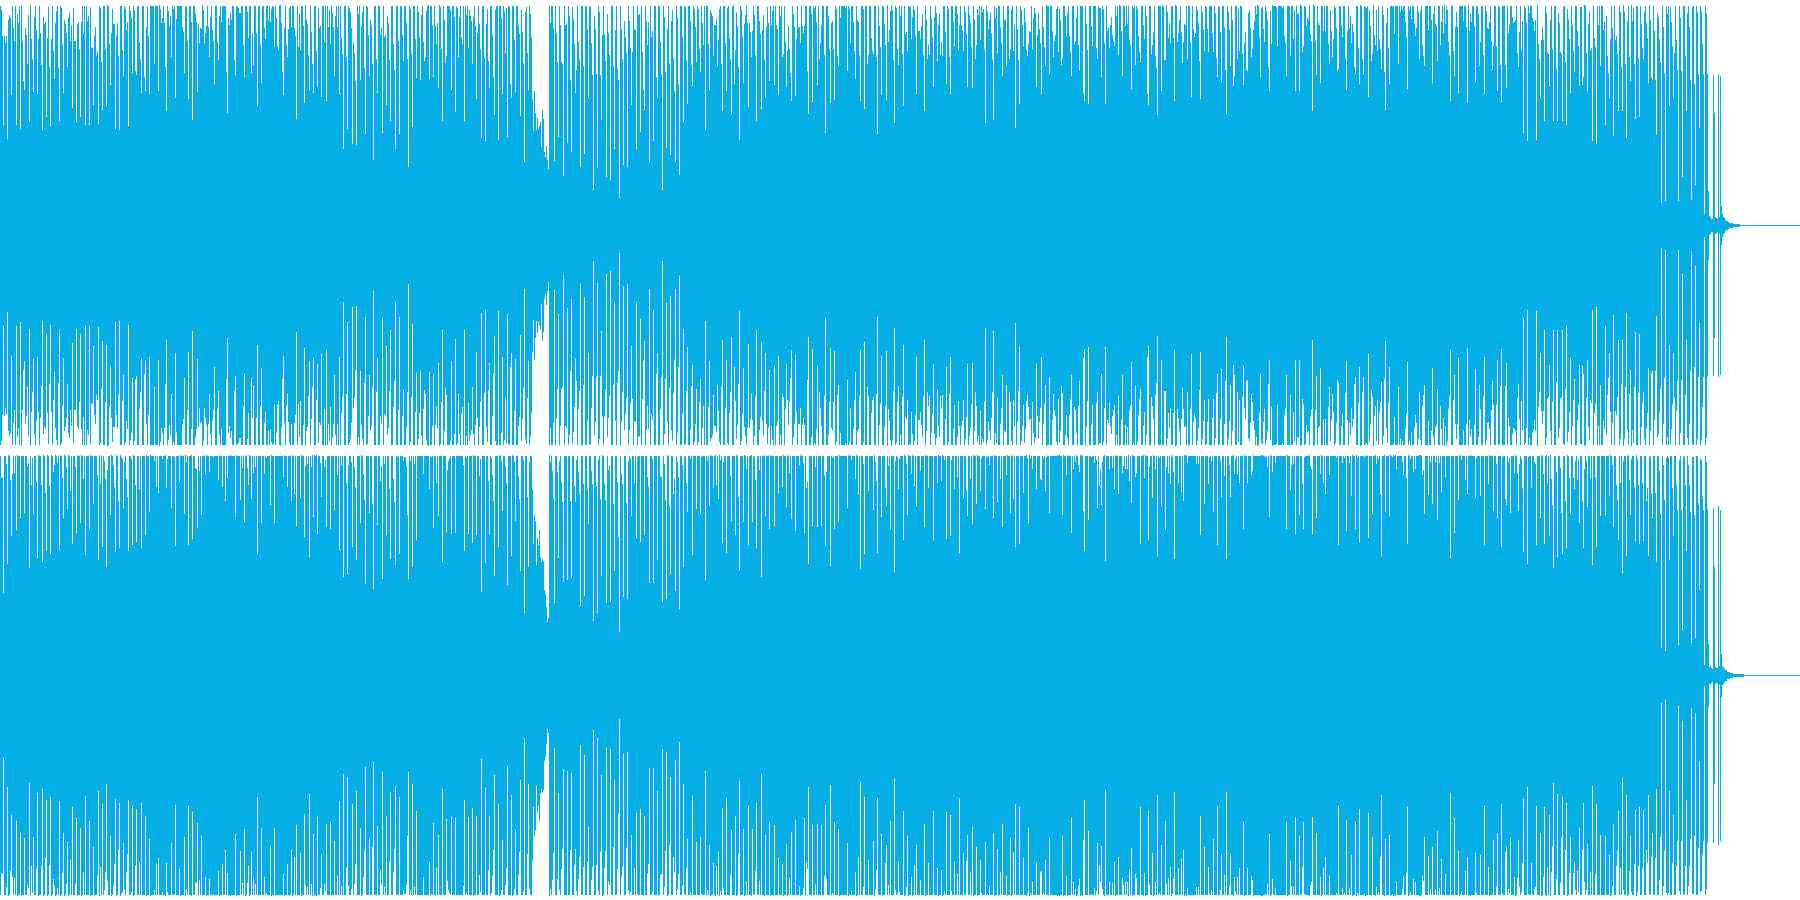 悲しい出来事(戦争)の様子(テクノ)の再生済みの波形